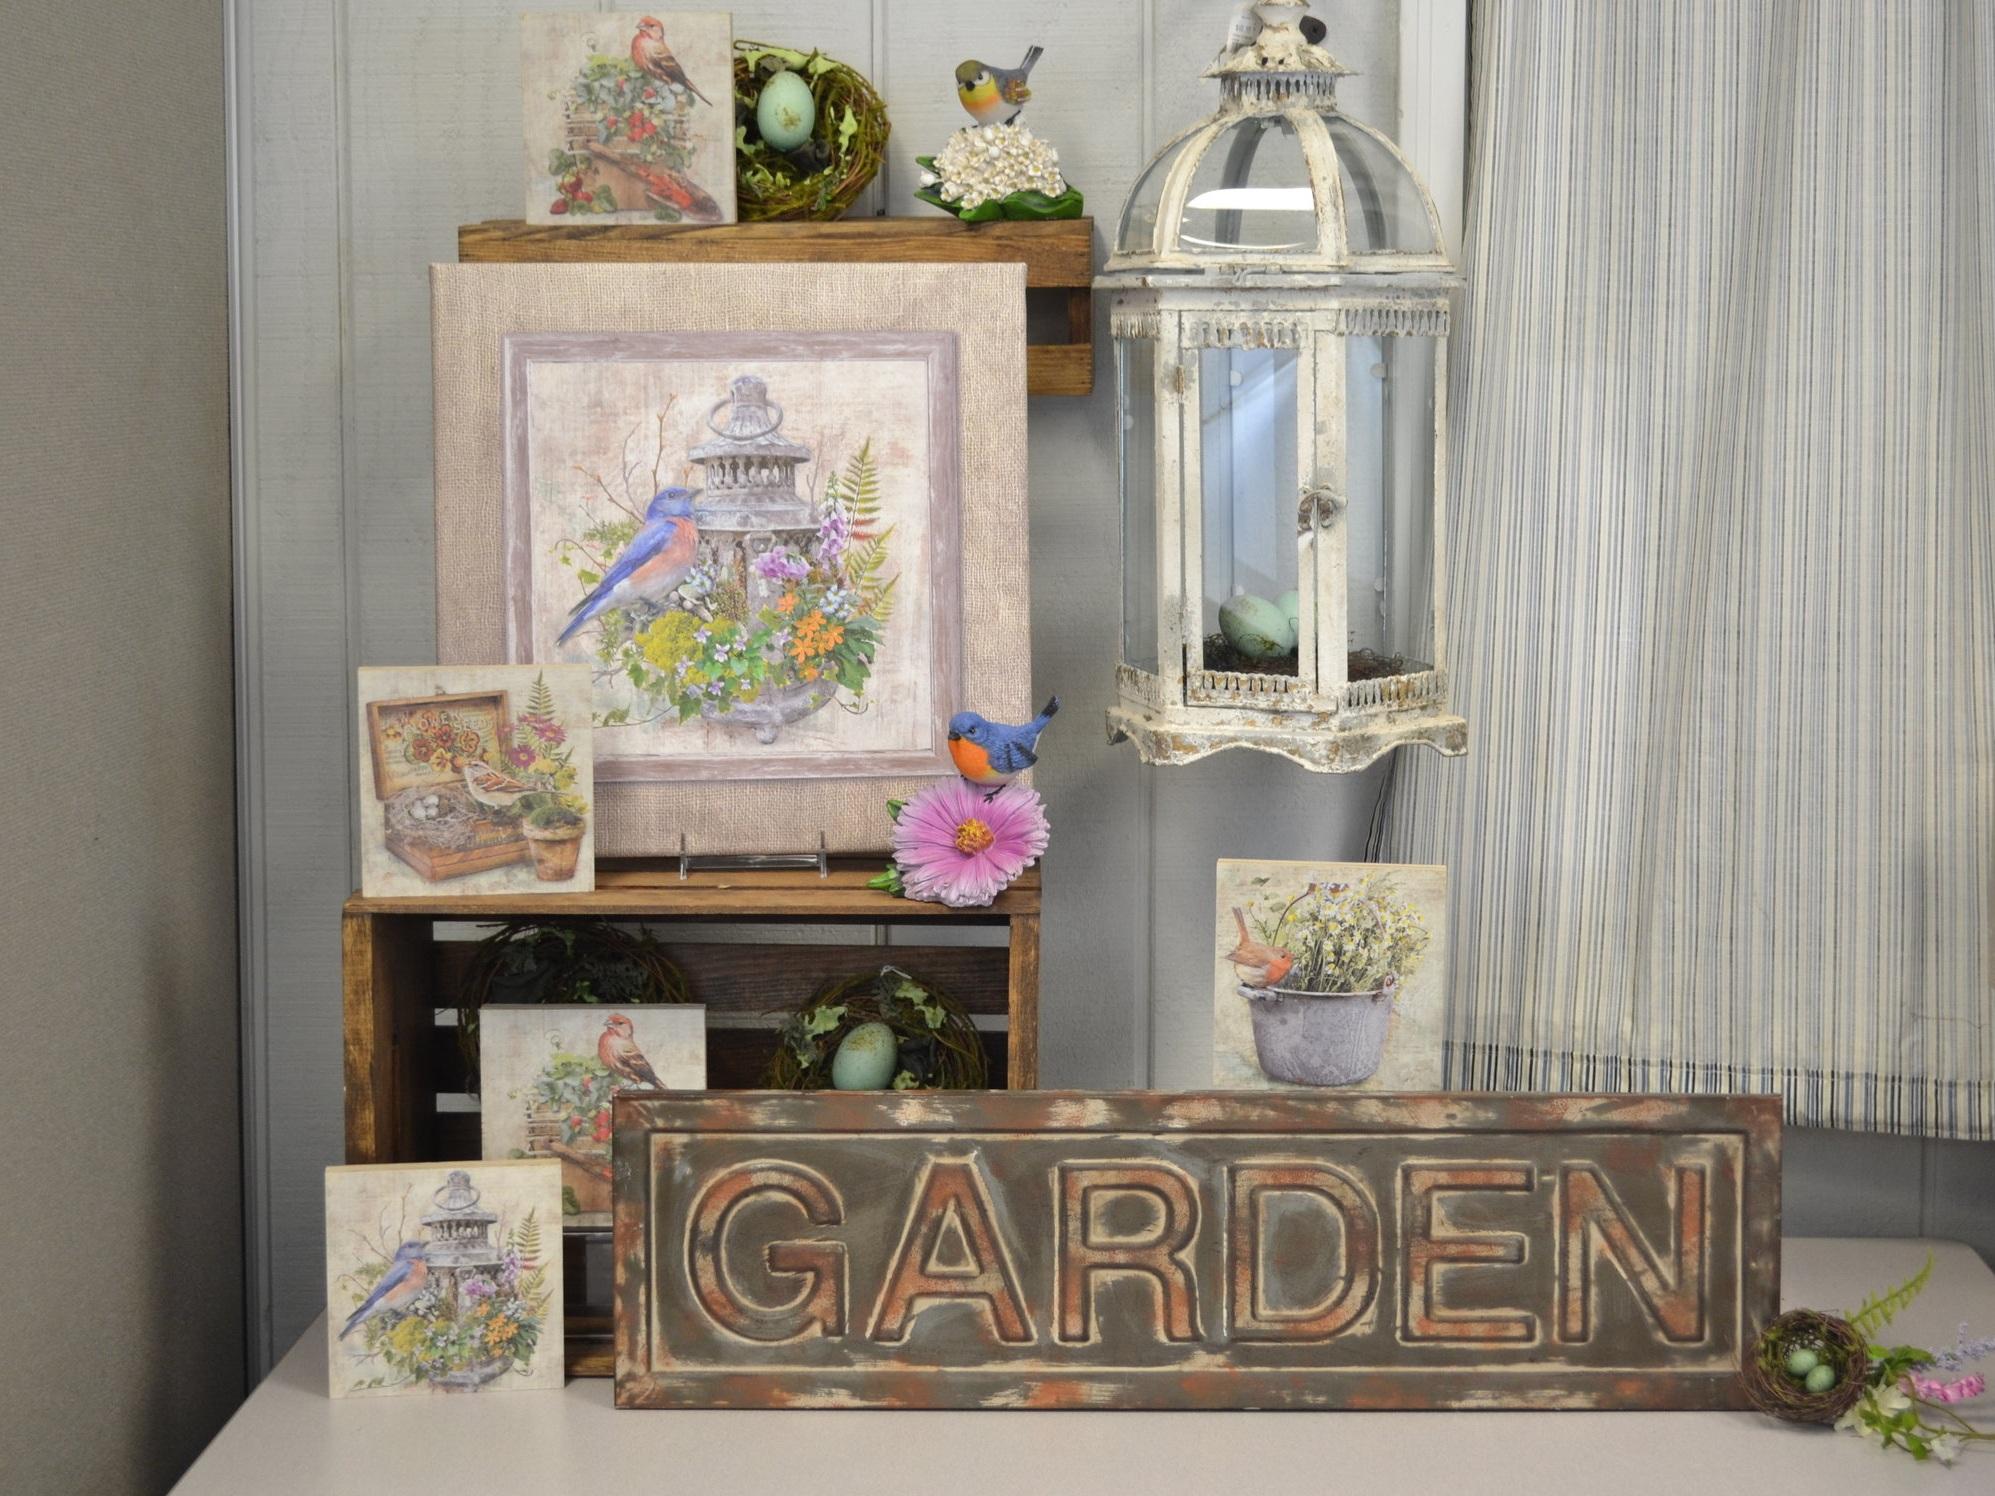 Garden-Birds- Nest.JPG